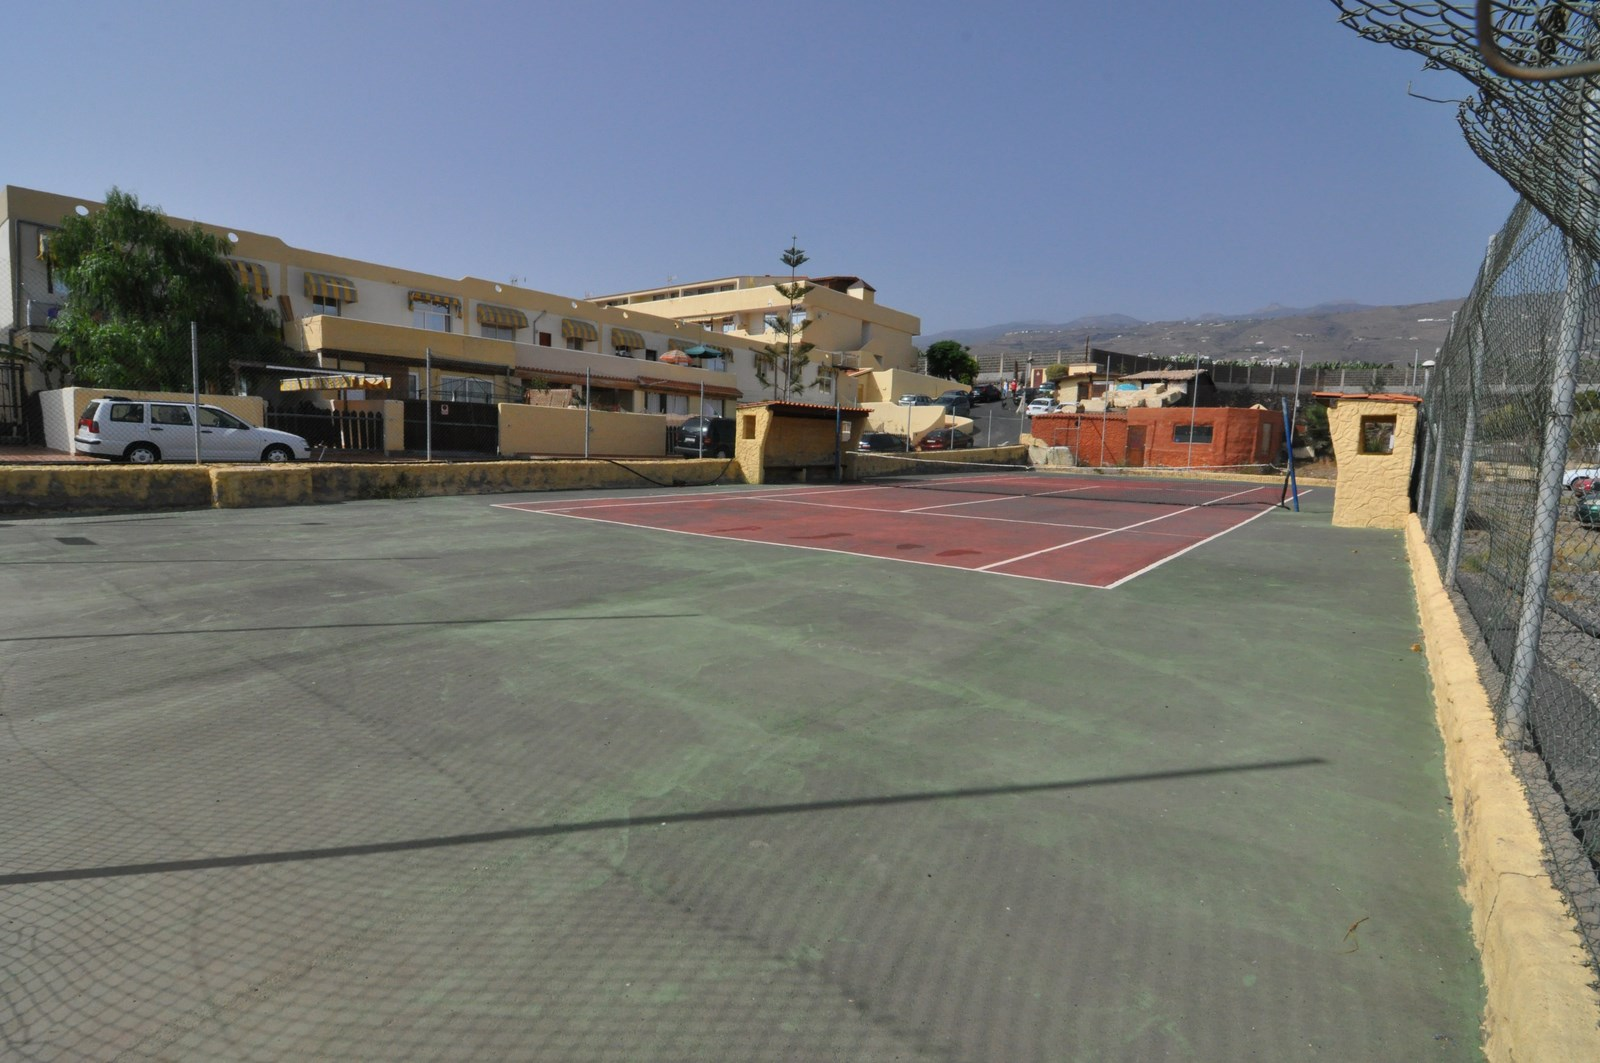 Maison Mitoyenne - Playa Paraiso - Marina Palace